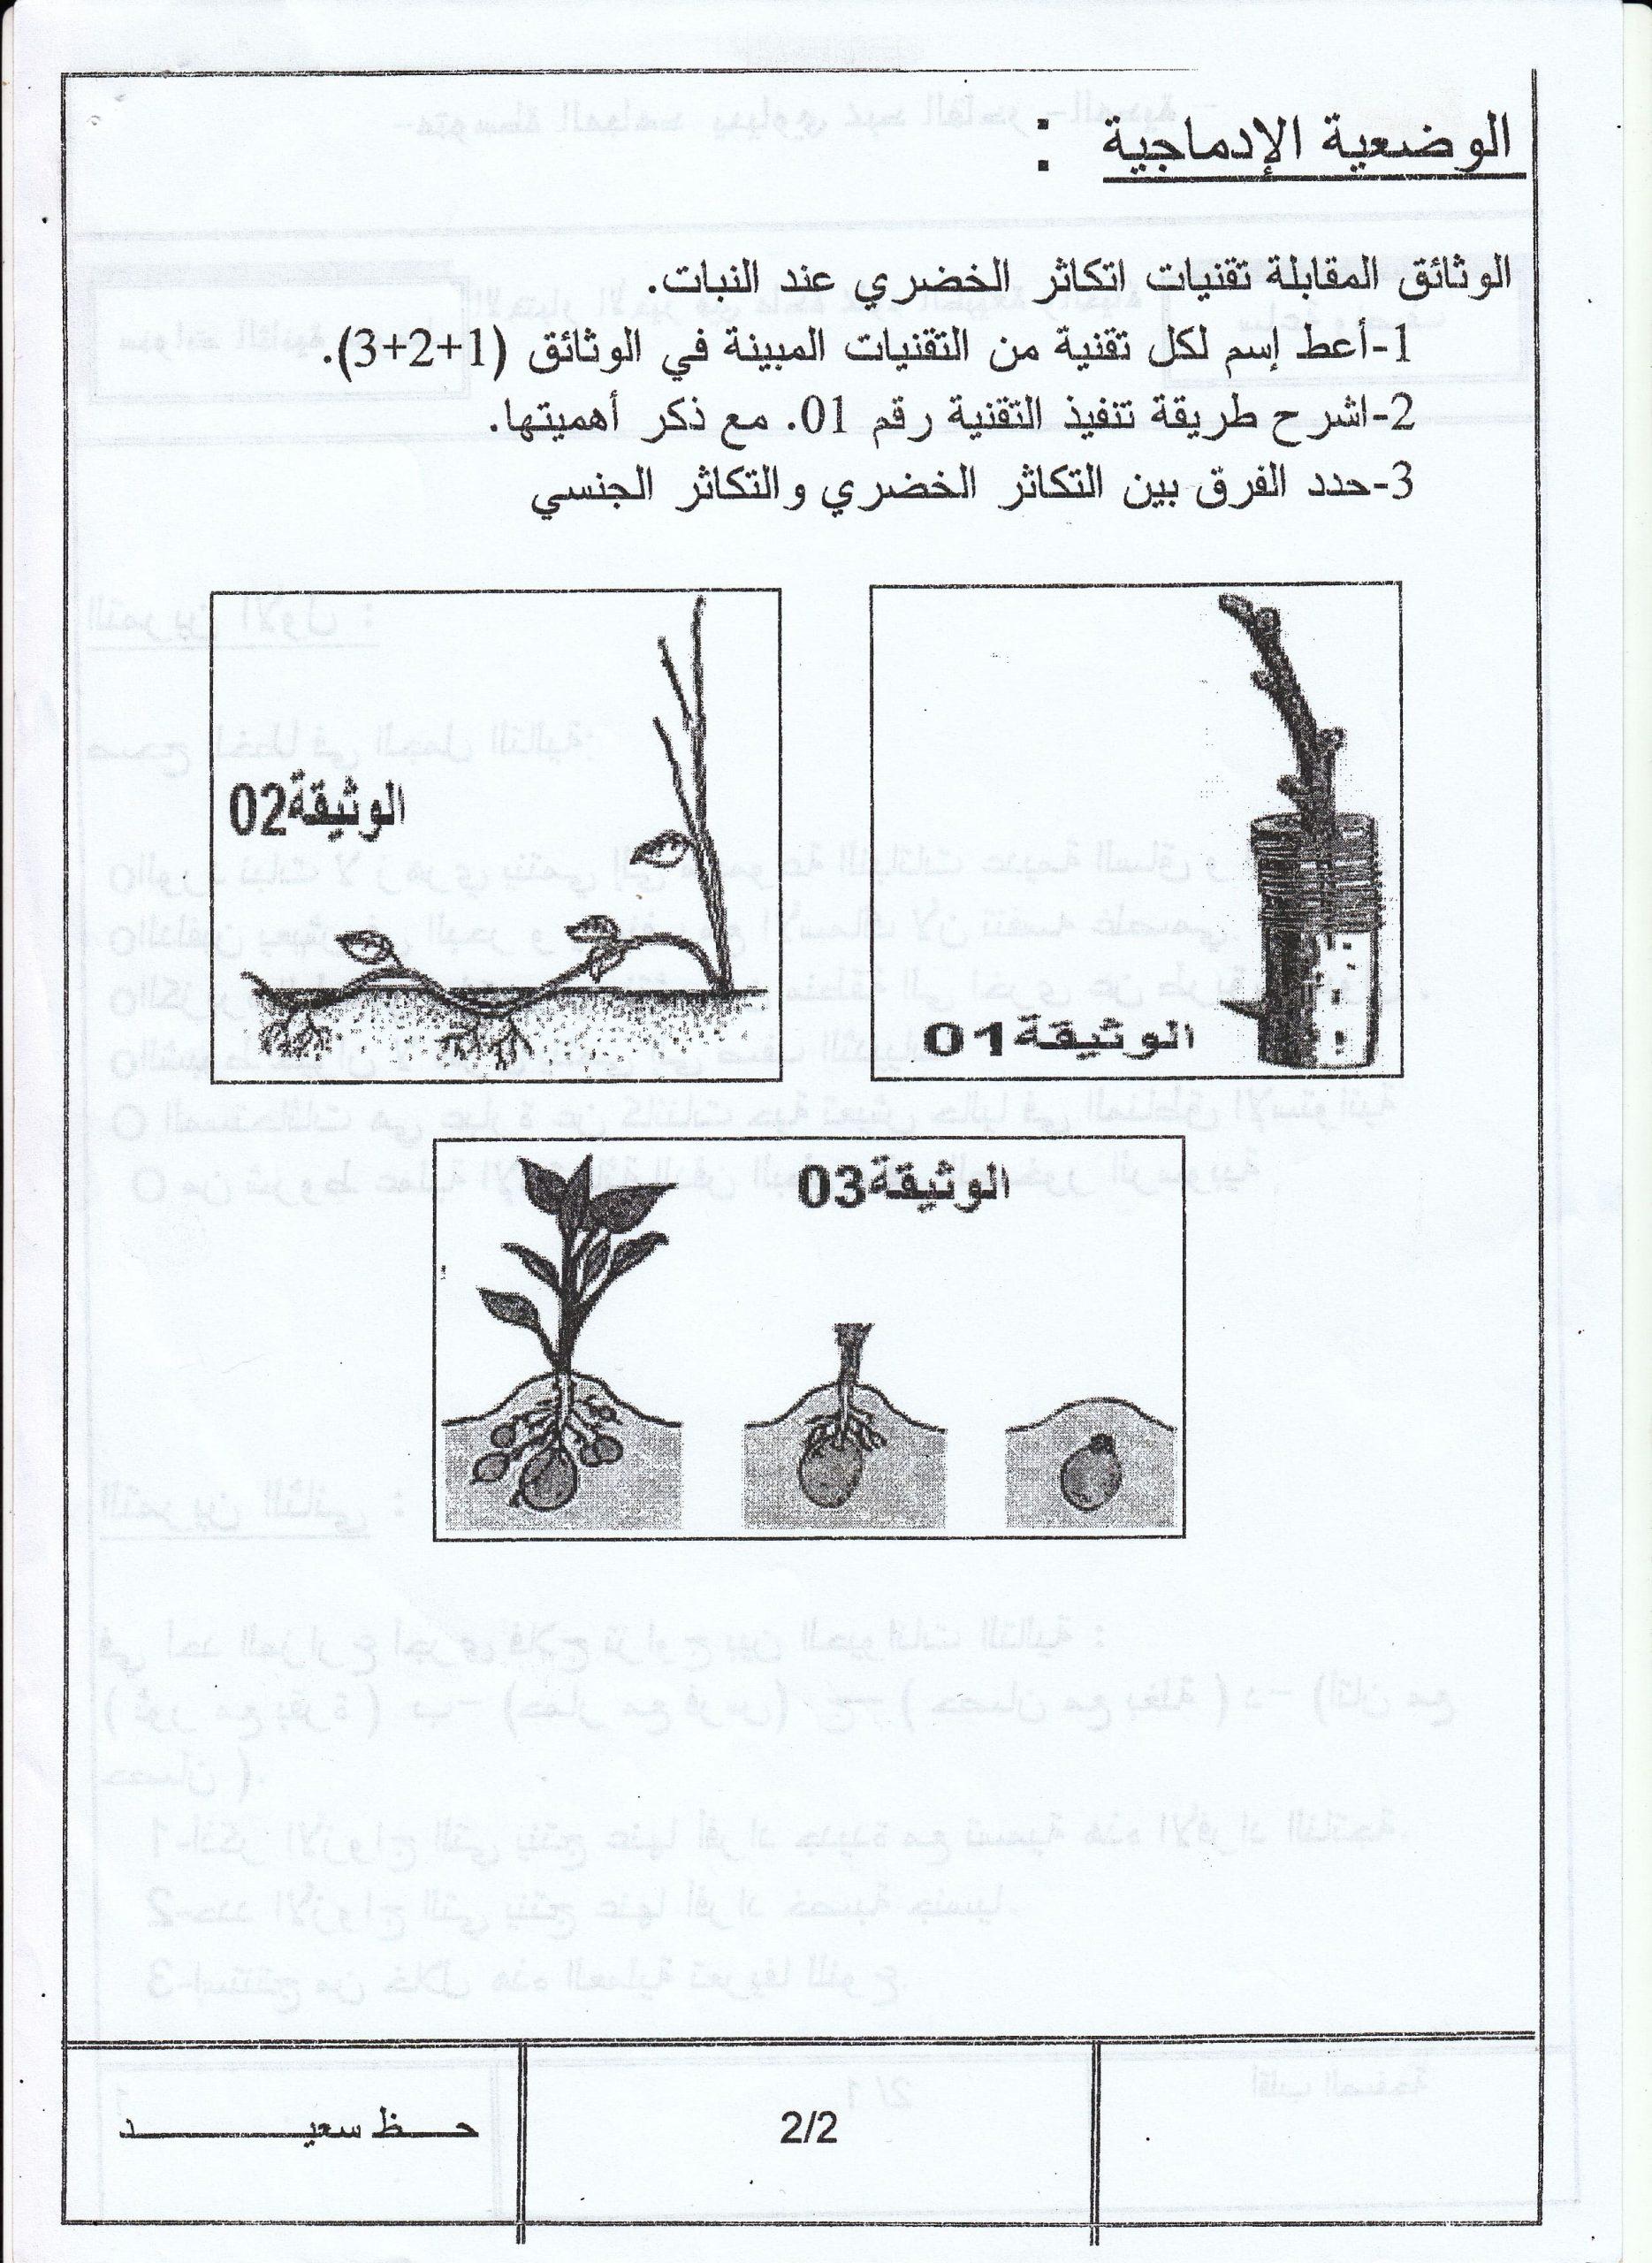 اختبار الفصل الثالث في العلوم الطبيعية السنة الثانية متوسط - الموضوع 07